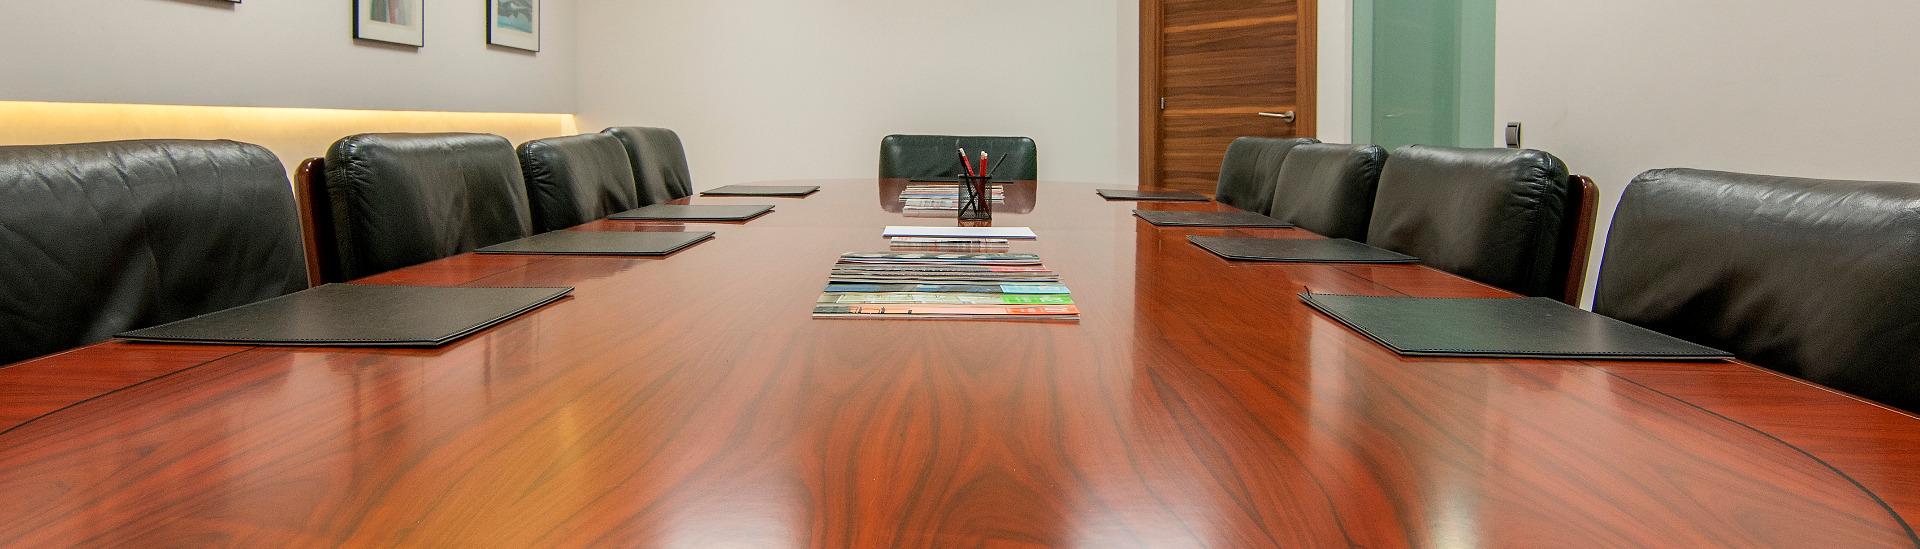 Equipo directivo de la consultora inmobiliaria forcadell for Oficinas de direct seguros